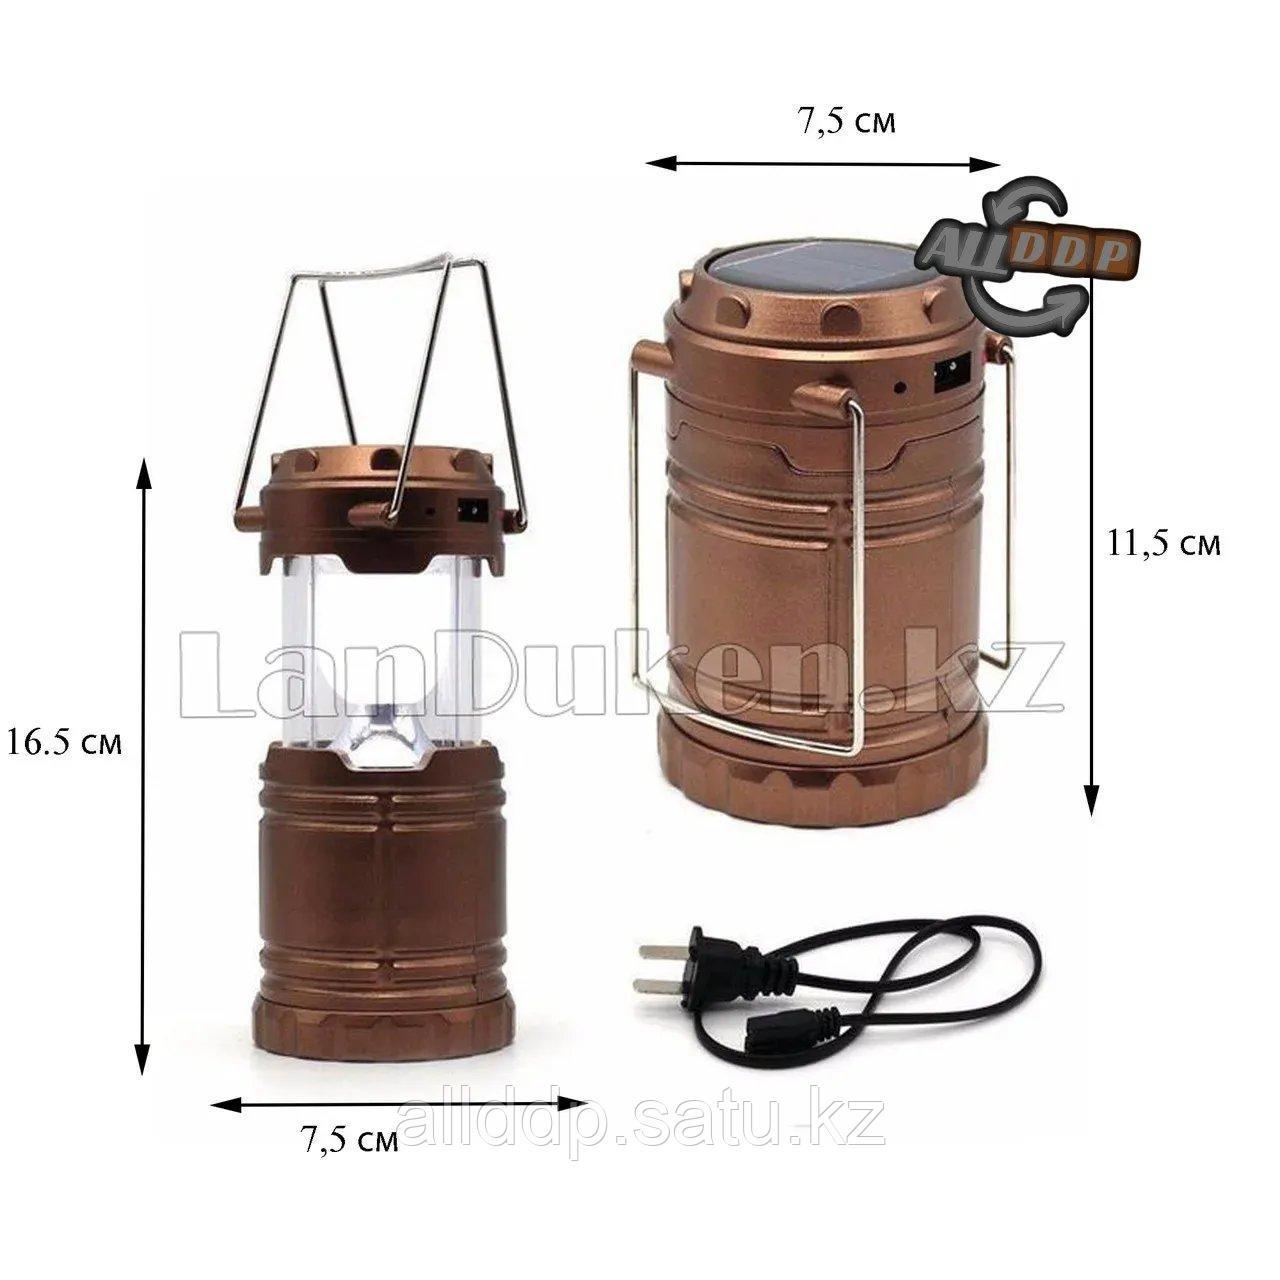 """Ручной светодиодный фонарь 2 в 1 золотистый """"Rechargeable Camping Lantern JY-5700T"""" с USB выходом (Мини)"""